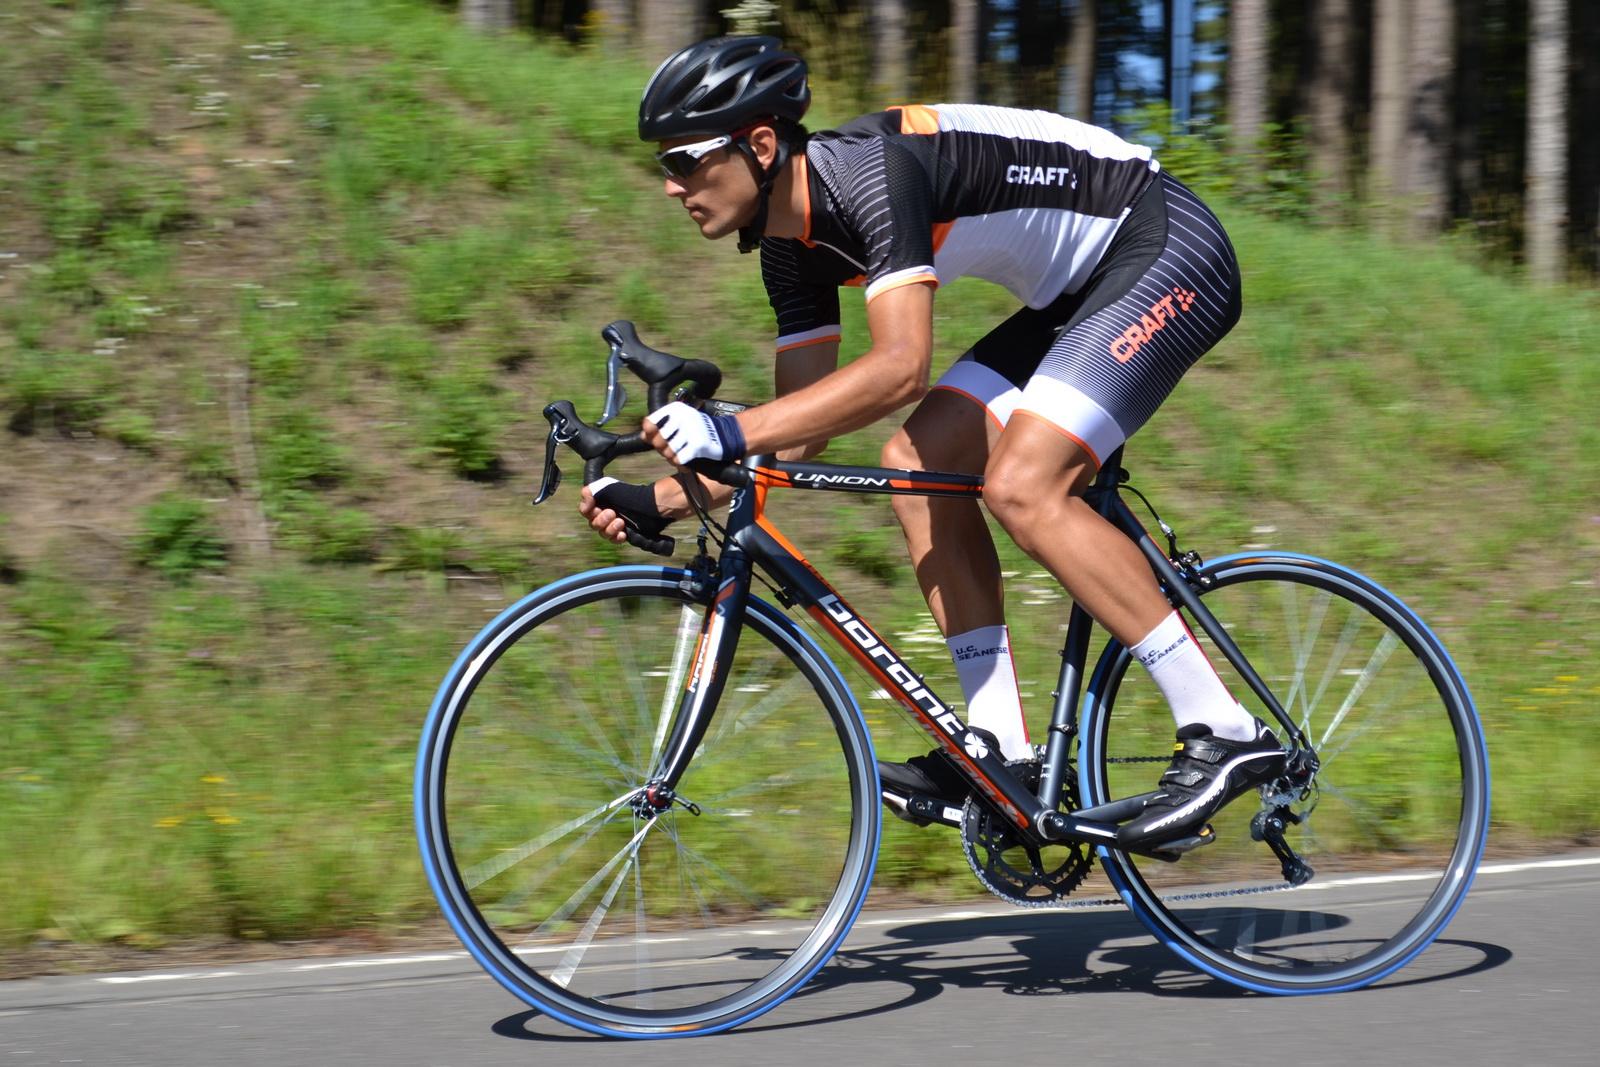 Как выбрать велосипед для мужчины по росту и весу: виды и рекомендации по выбору